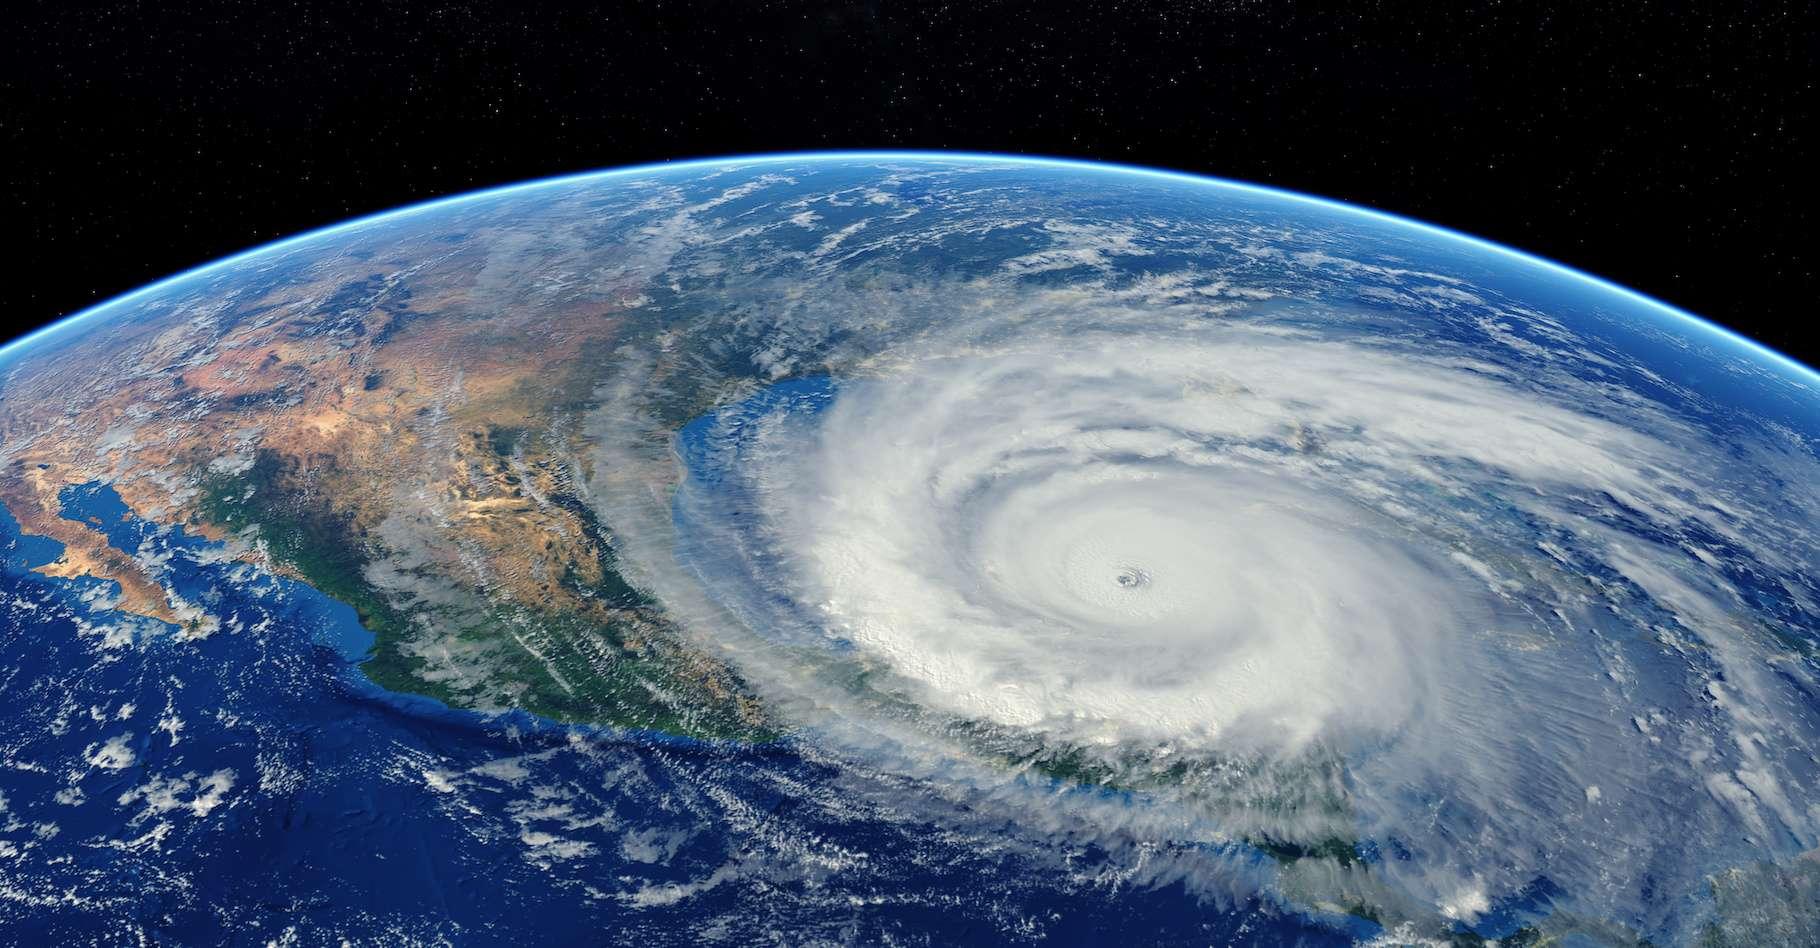 Sur l'Atlantique, les saisons des ouragans semblent vouloir se suivre et se ressembler. Sam est ainsi déjà la 18e tempête tropicale nommée de l'année. Et ce week-end, Sam a évolué en ouragan majeur, un ouragan de catégorie 4. © Mike Mareen, Adobe Stock